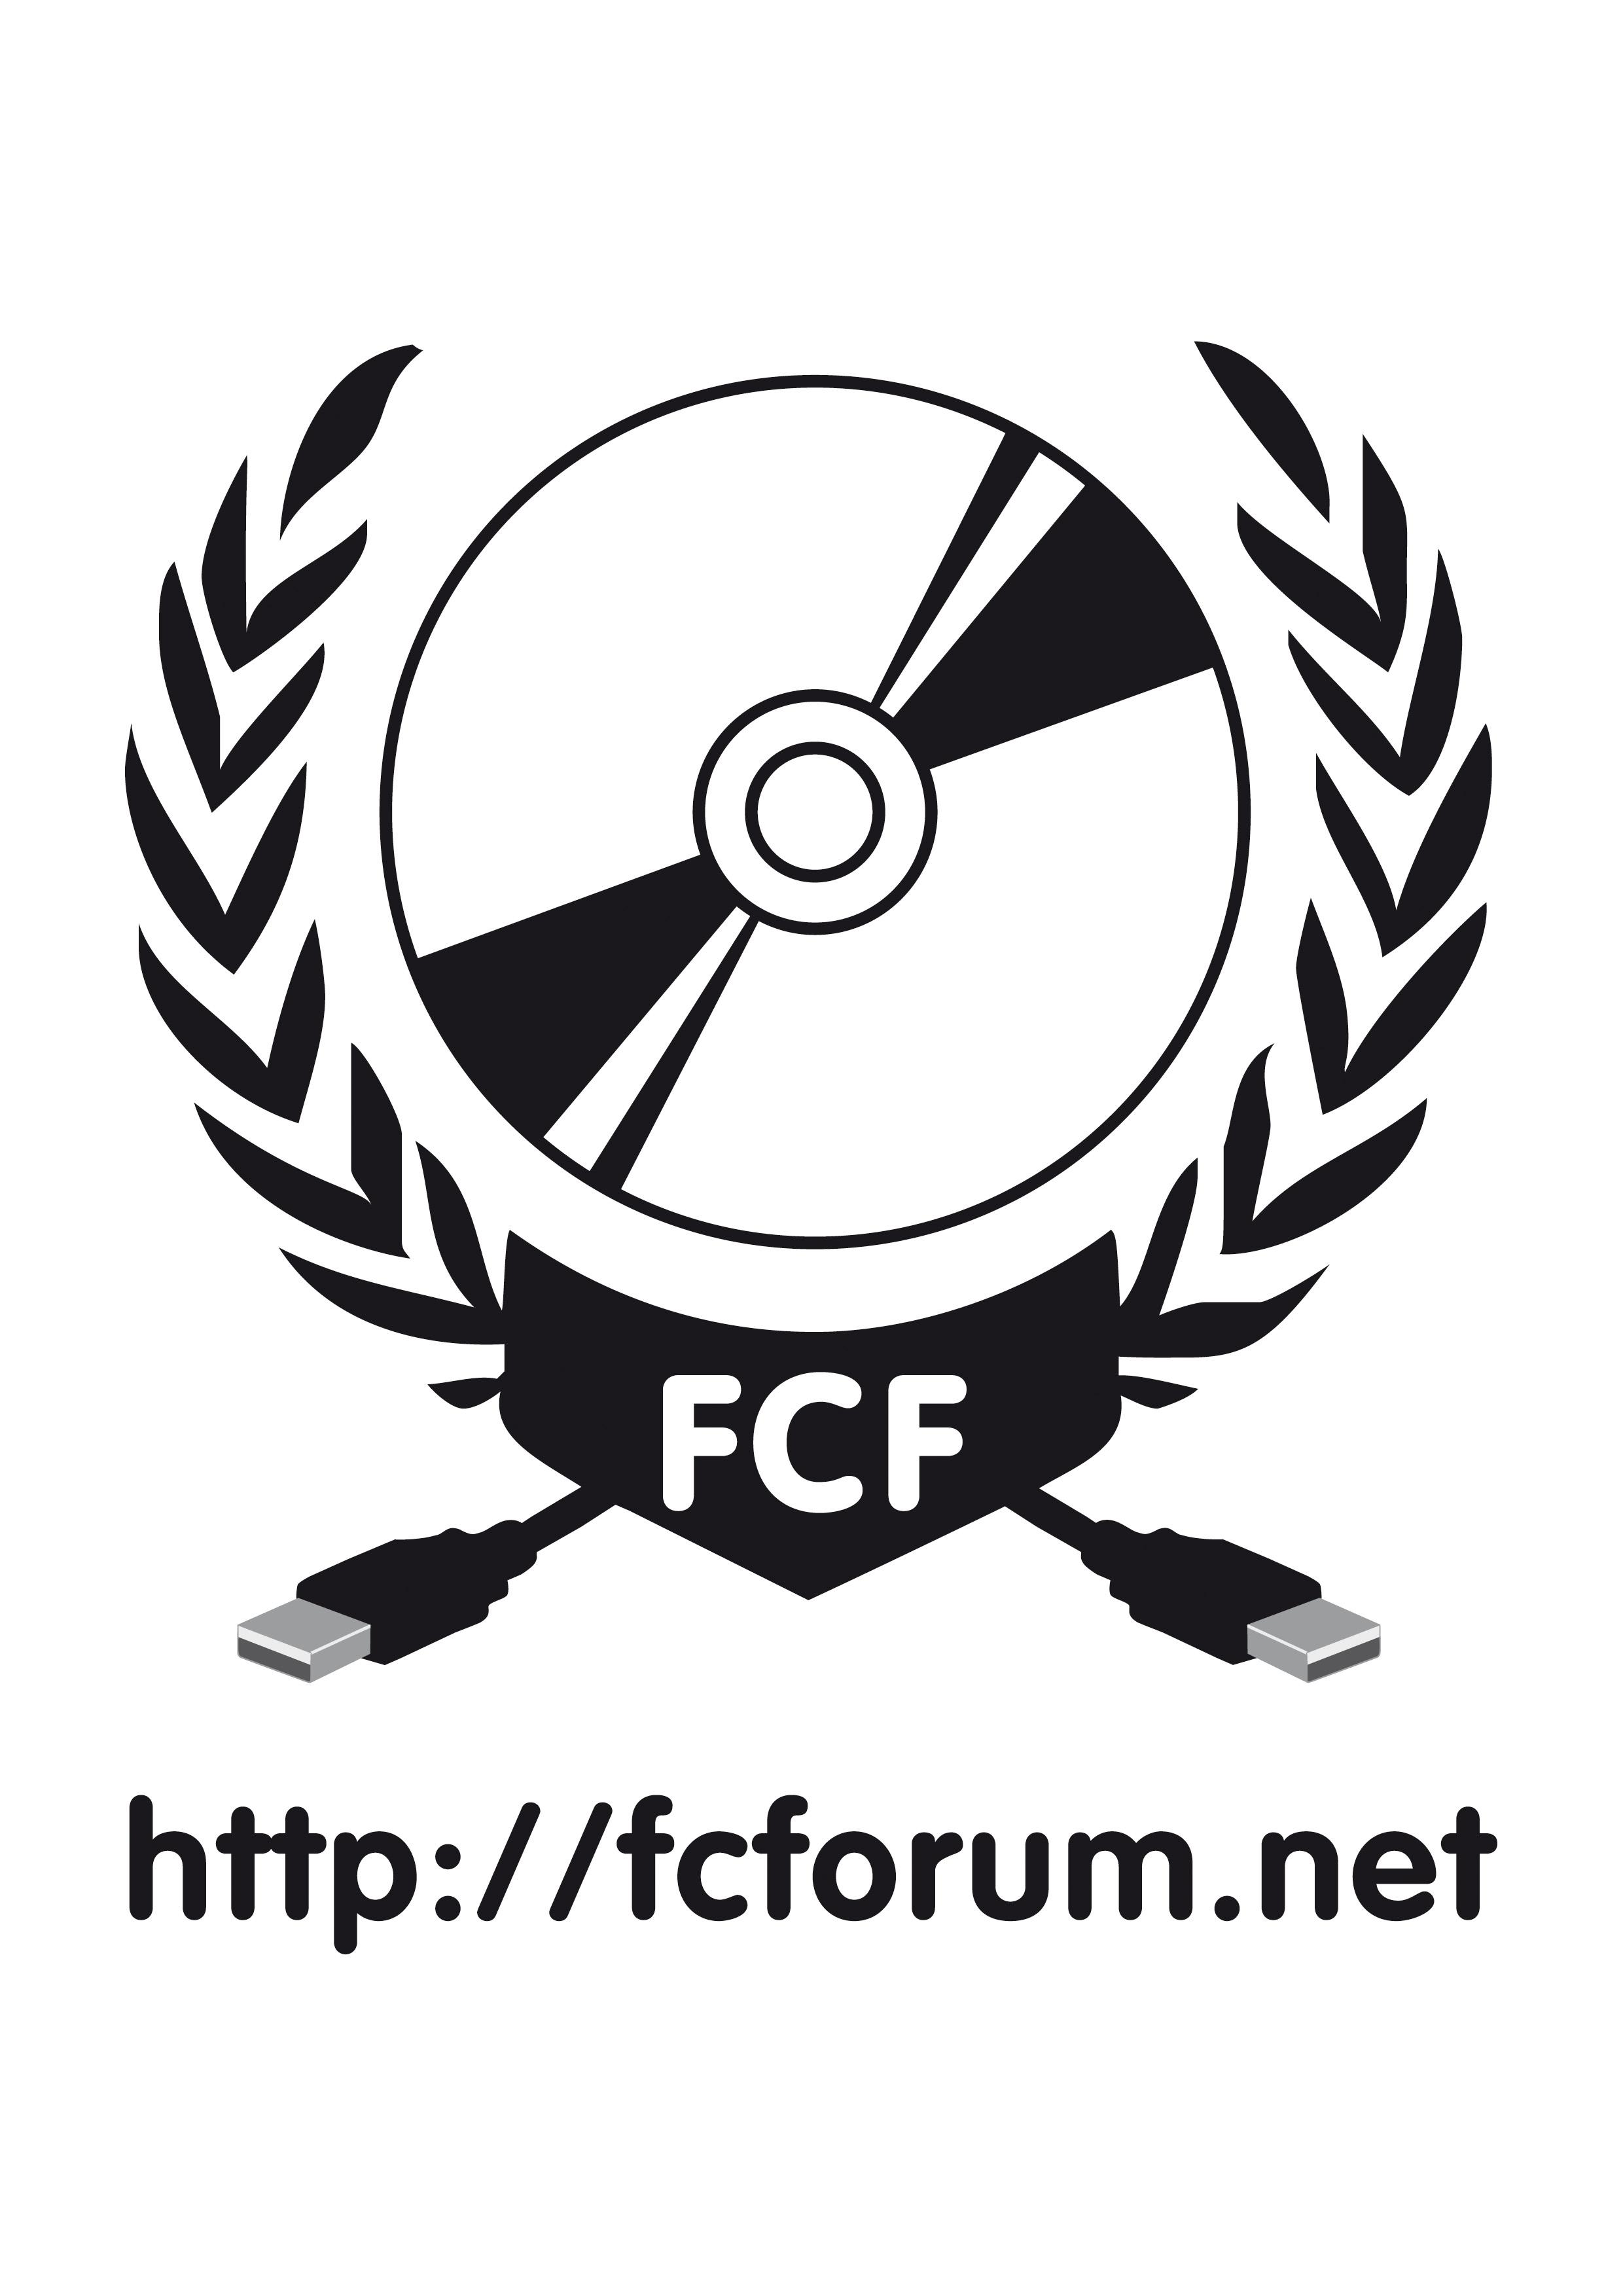 Fcforum